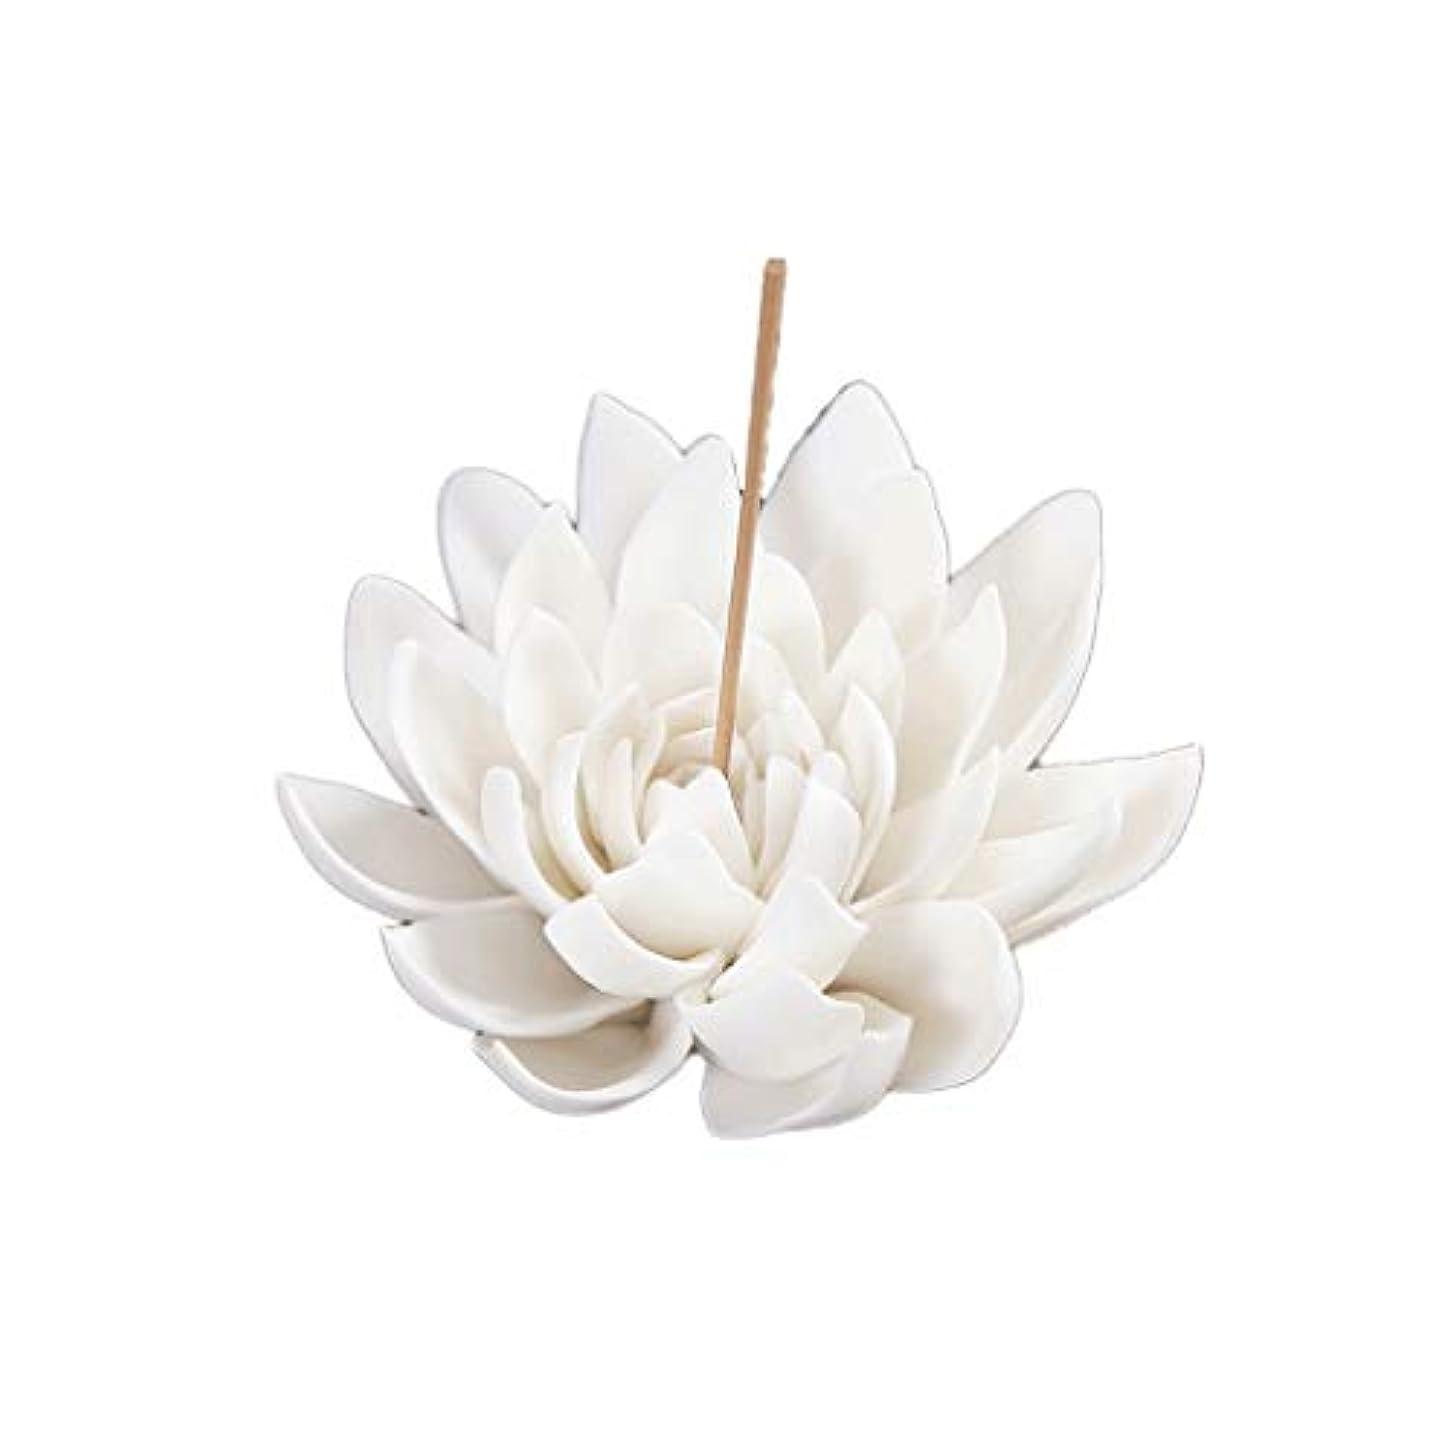 あそこ追い払う嘆くセラミック蓮香バーナー家の装飾香スティックホルダー仏教アロマセラピー香炉ホームオフィス用 芳香器?アロマバーナー (Color : B)